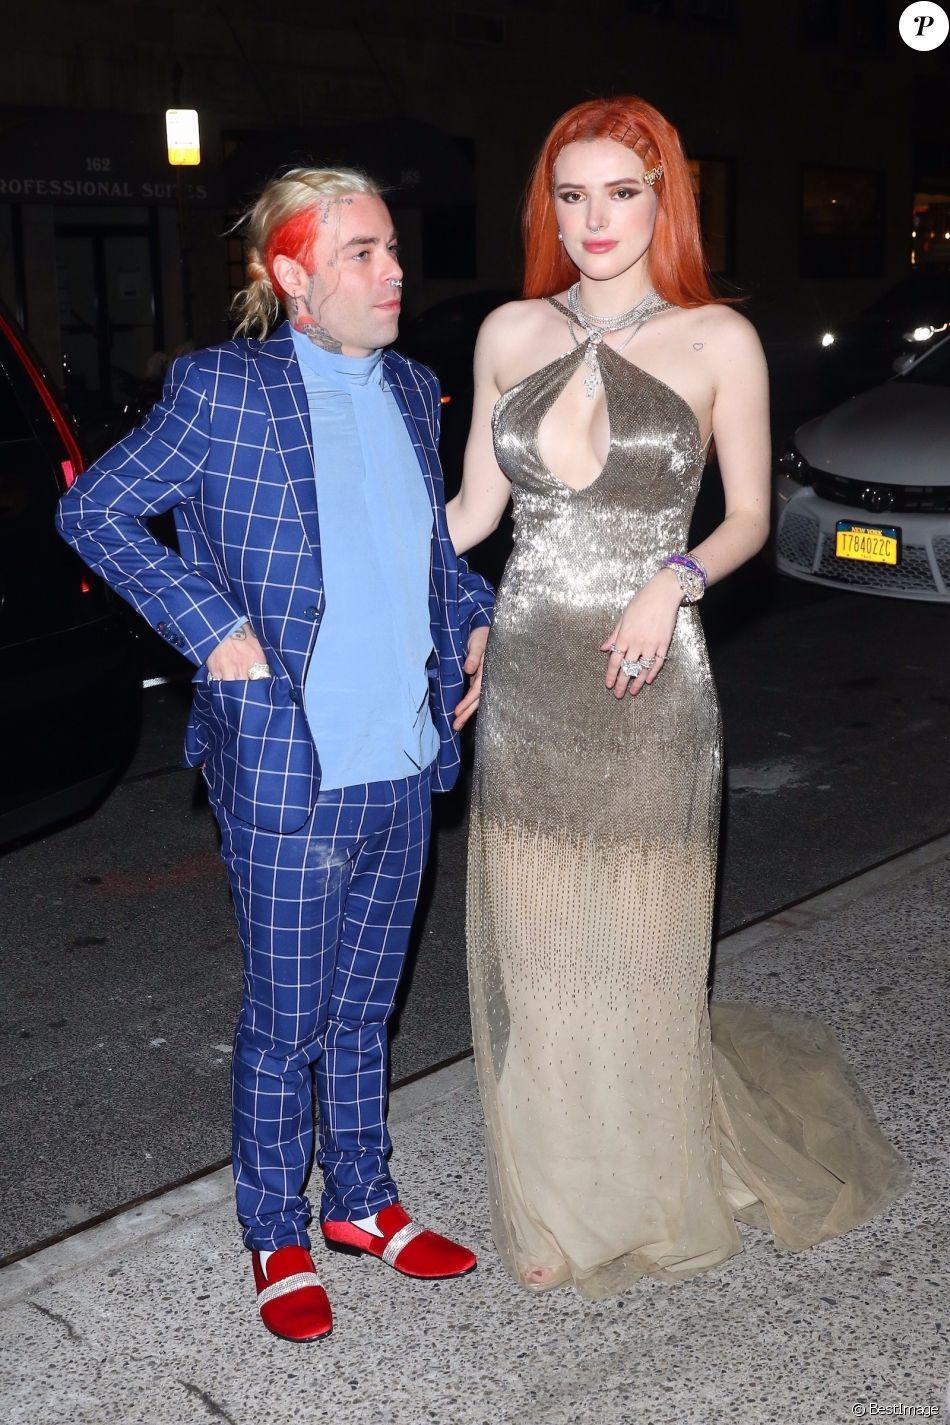 Bella Thorne et son compagnon Mod Sun arrivent à la soirée Carnegie Hall à New York, le 25 mars 2019.